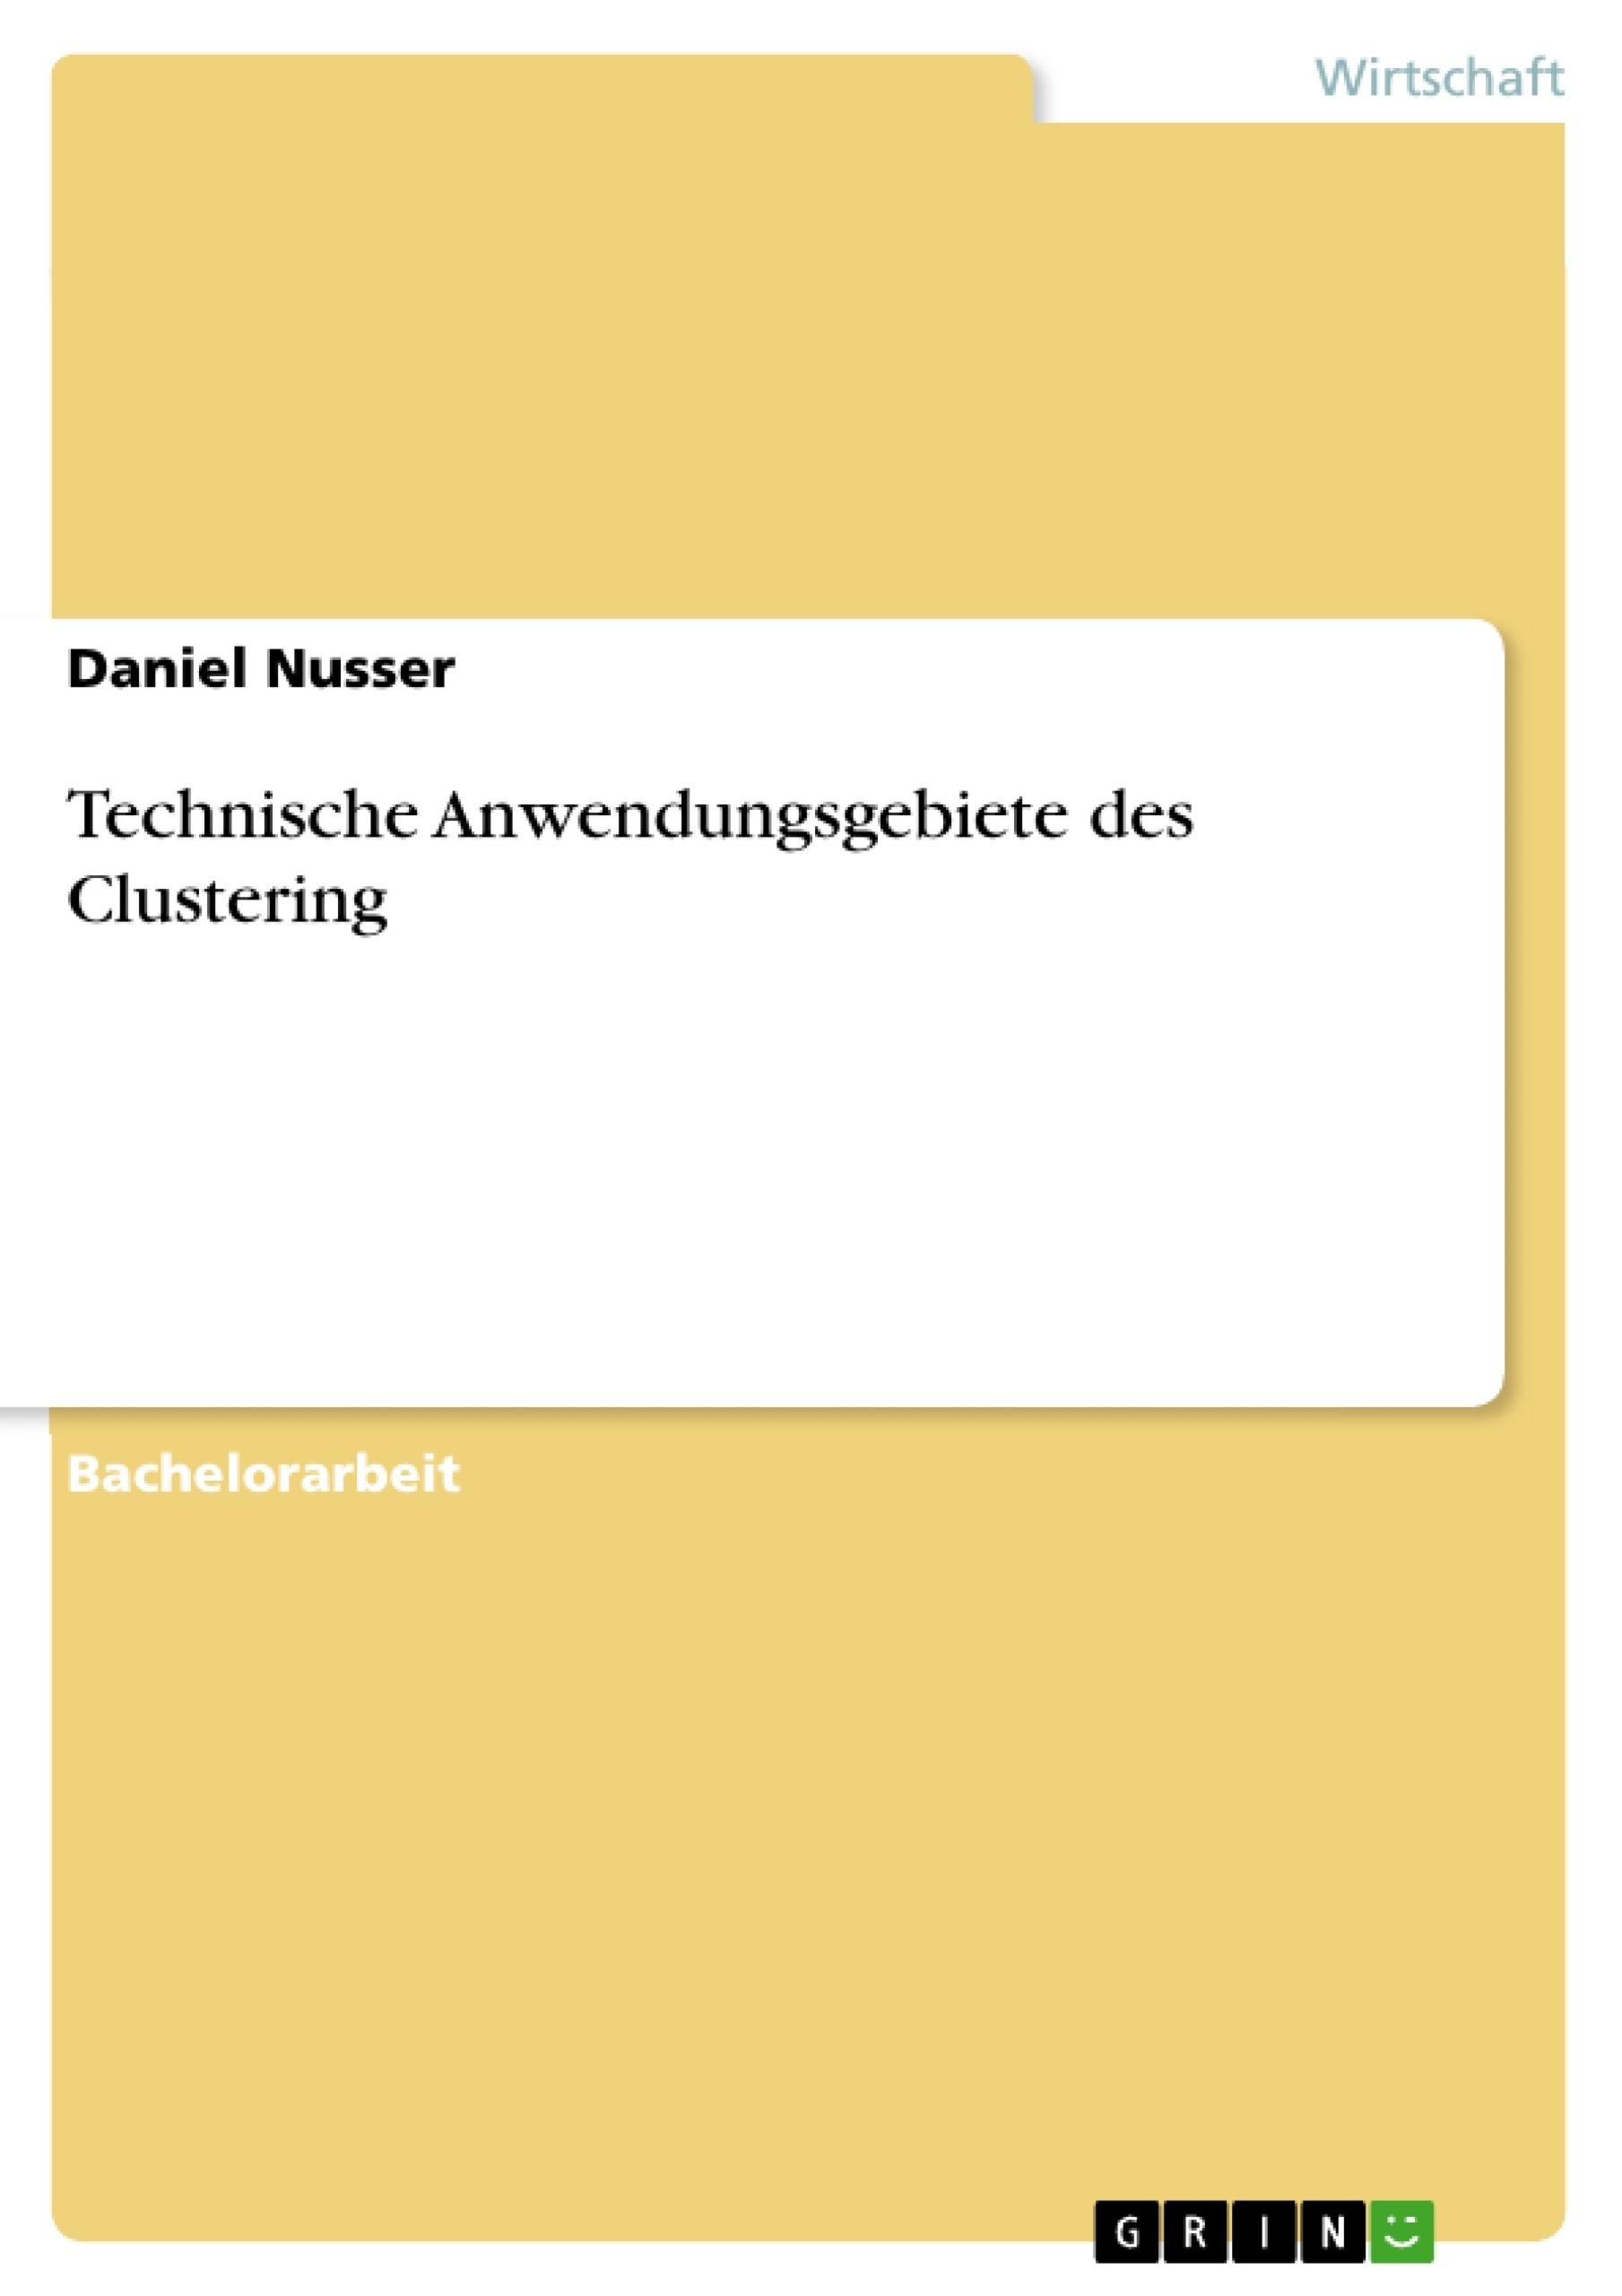 Titel: Technische Anwendungsgebiete des Clustering